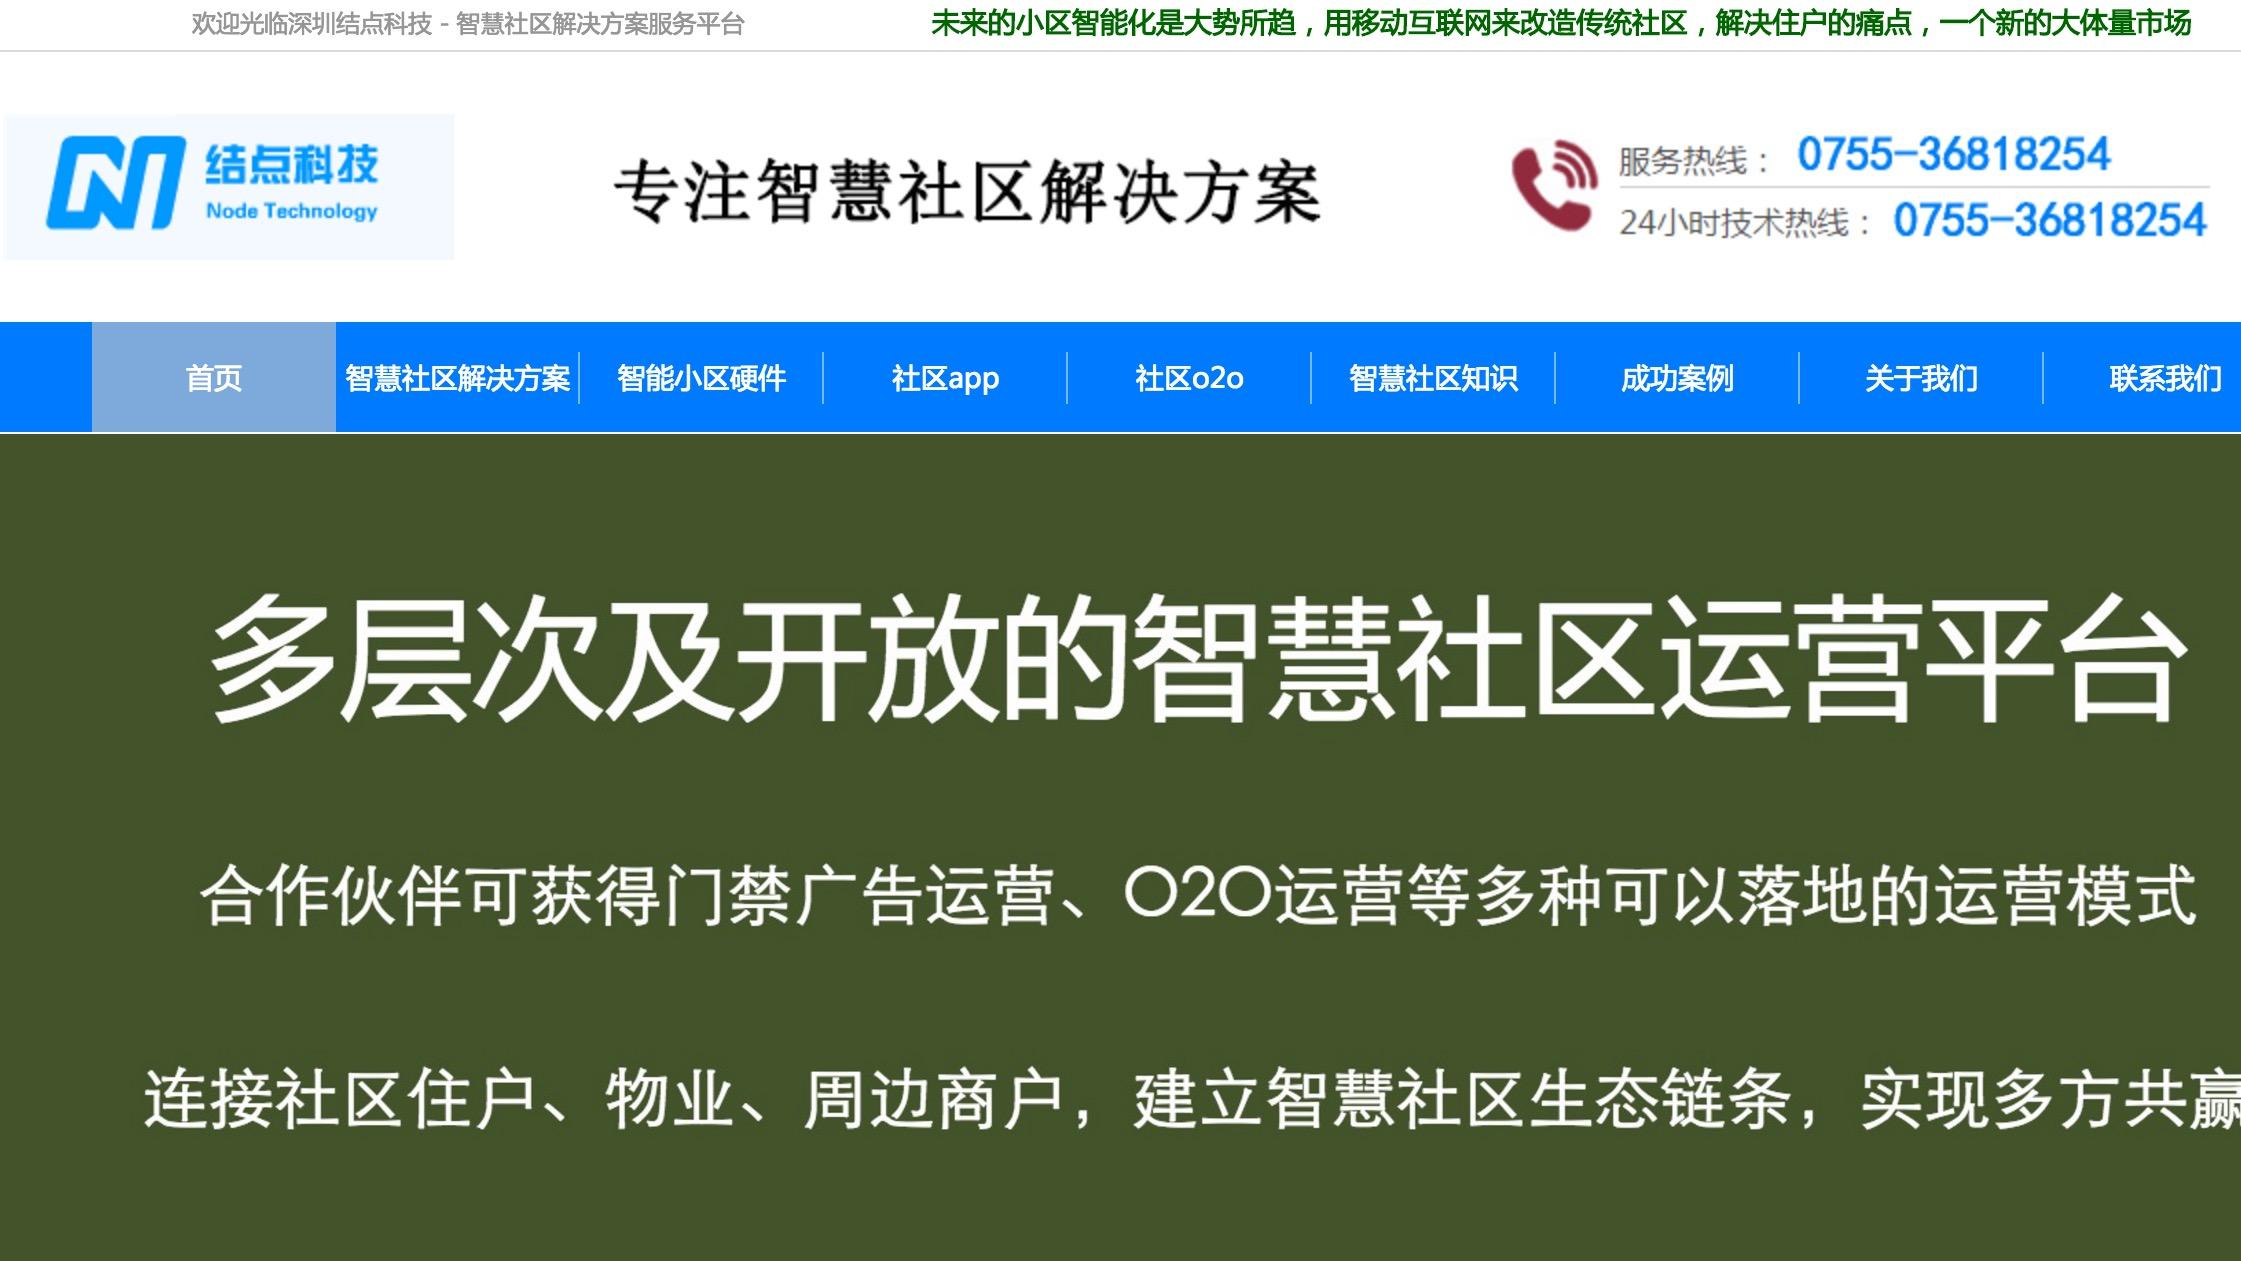 网站建设之慧社区o2o解决方案云平台由富海360承接